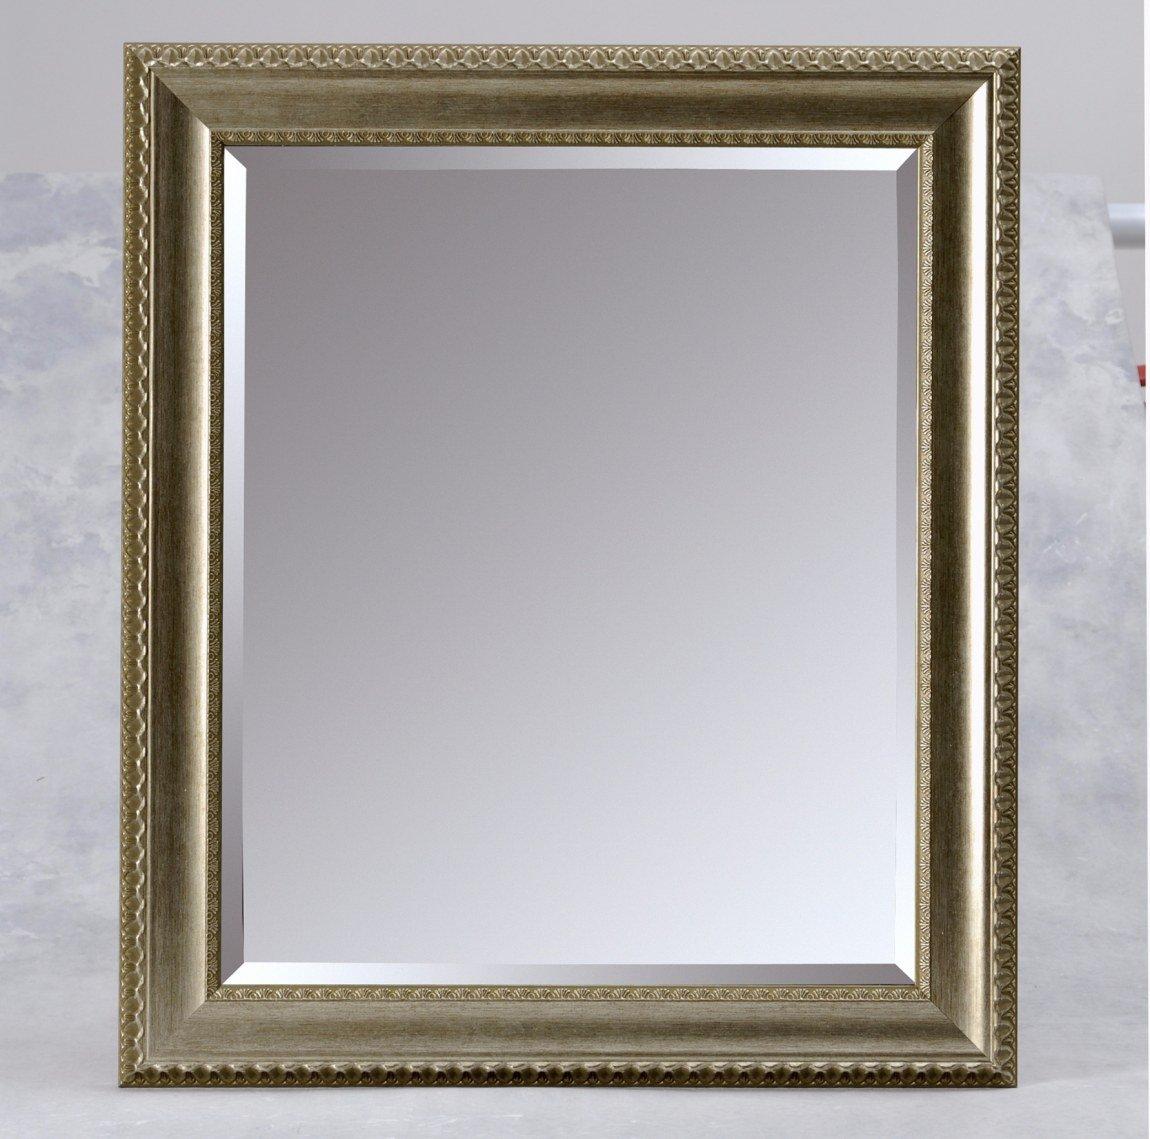 remplacement-miroir-la-destrousse